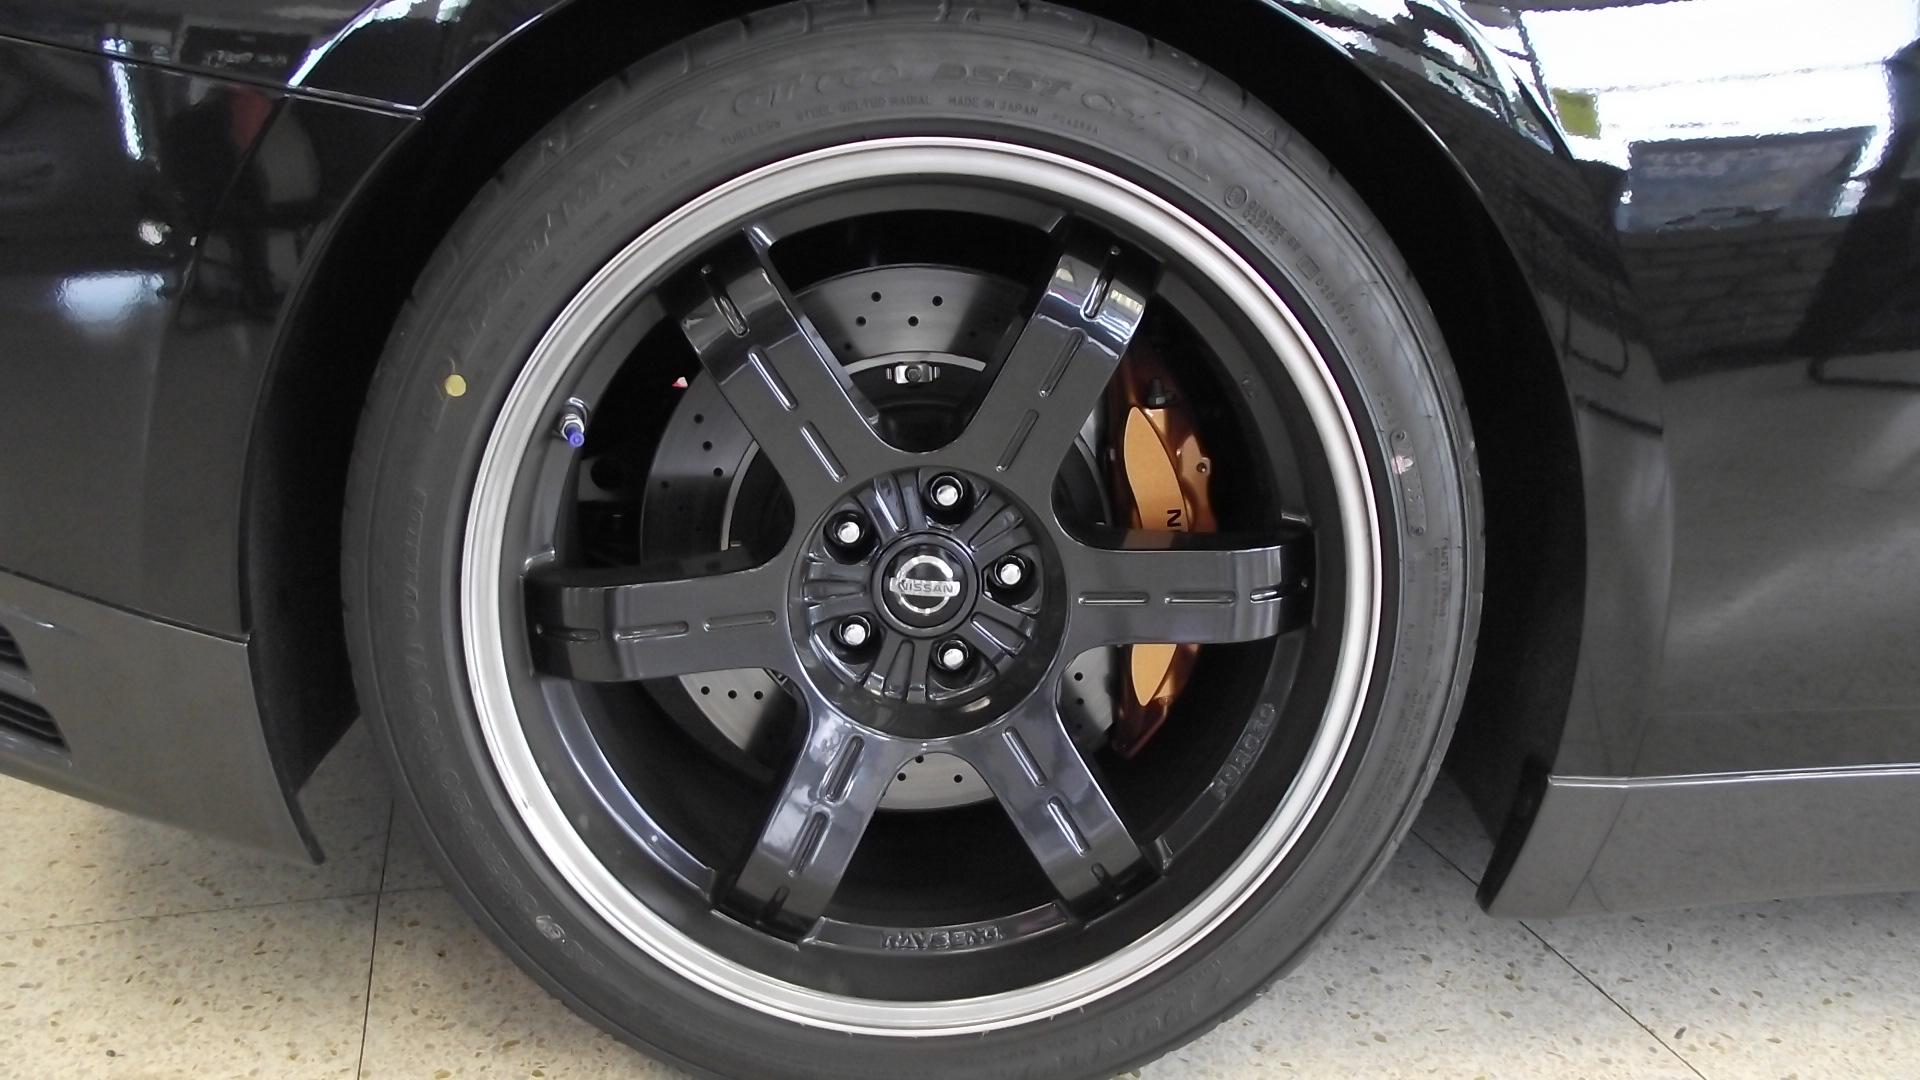 Nissan Gt R Black Edition 2012 El Deportivo Economico